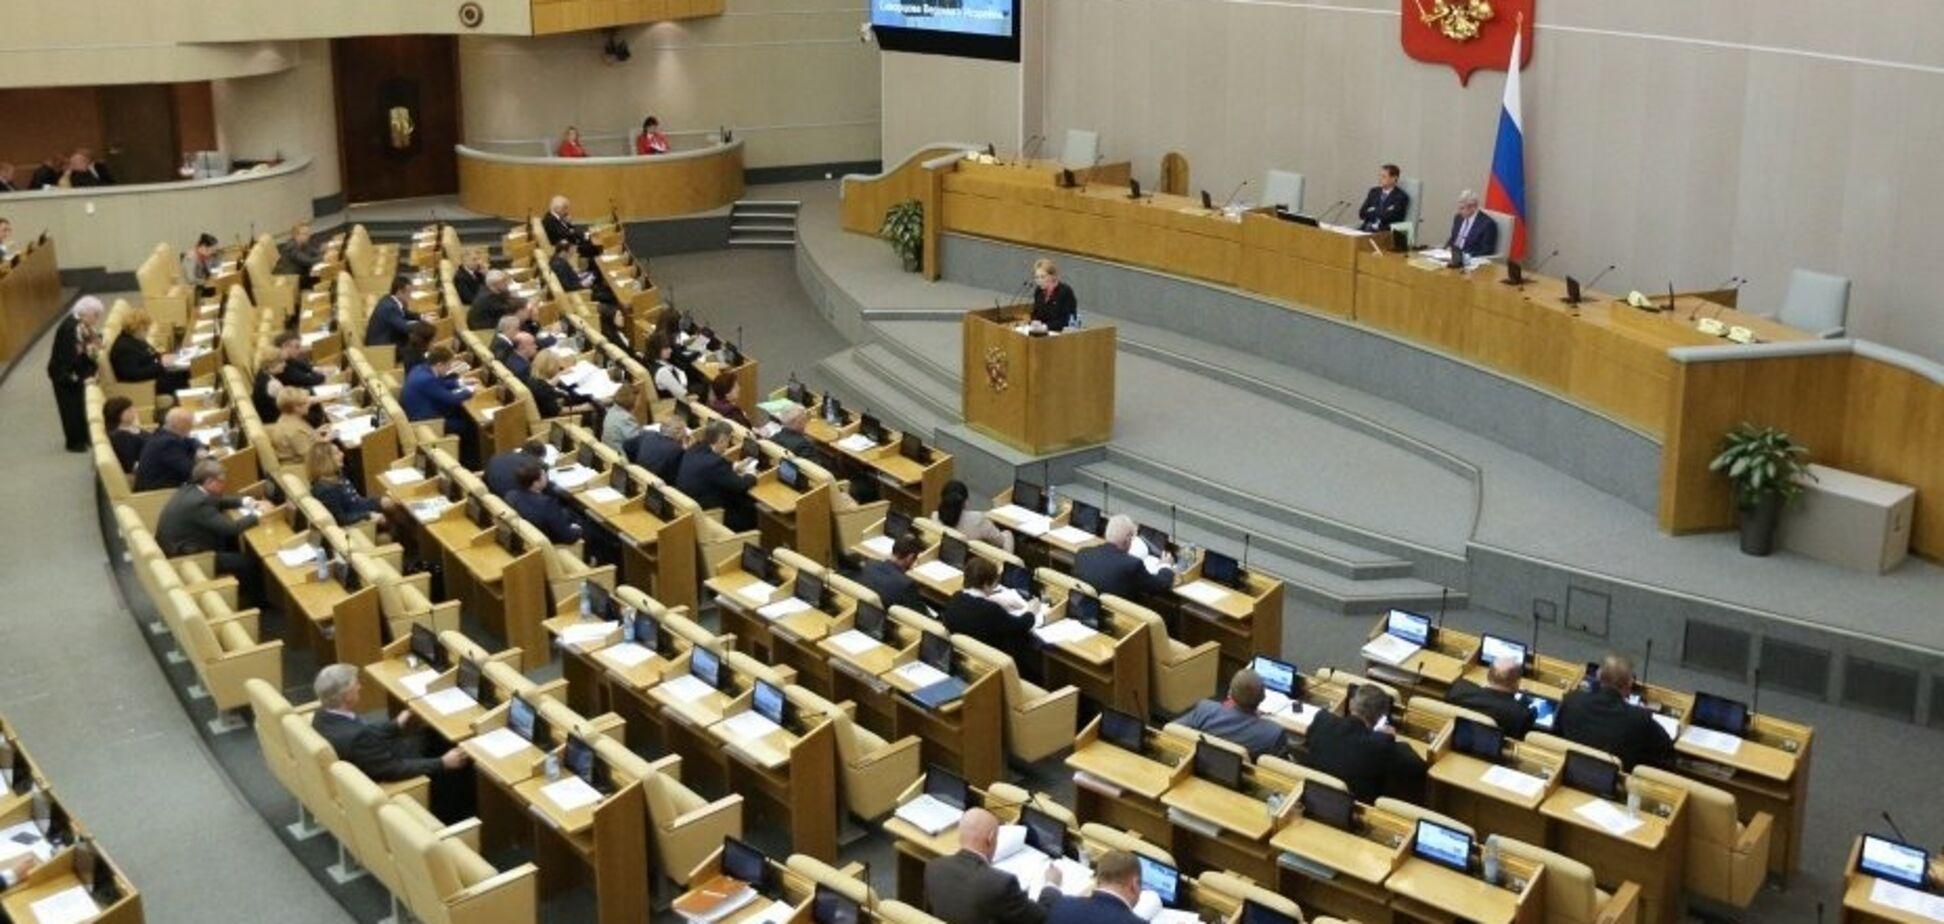 'Зруйнувати': в Росії гнівно відреагували на погрози Порошенка